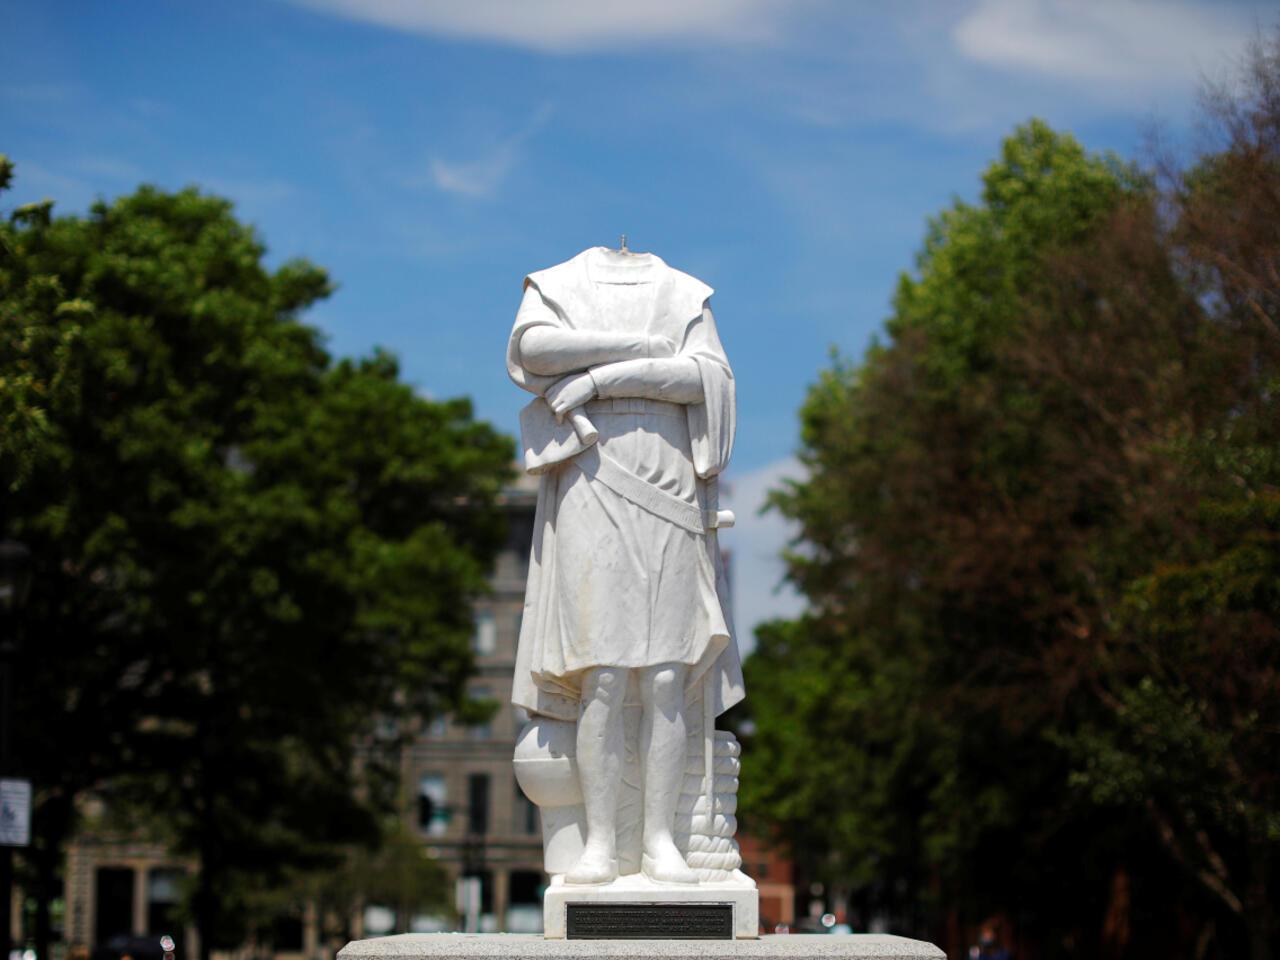 Rebelión contra las estatuas: los símbolos que suscitan choques en todo el mundo